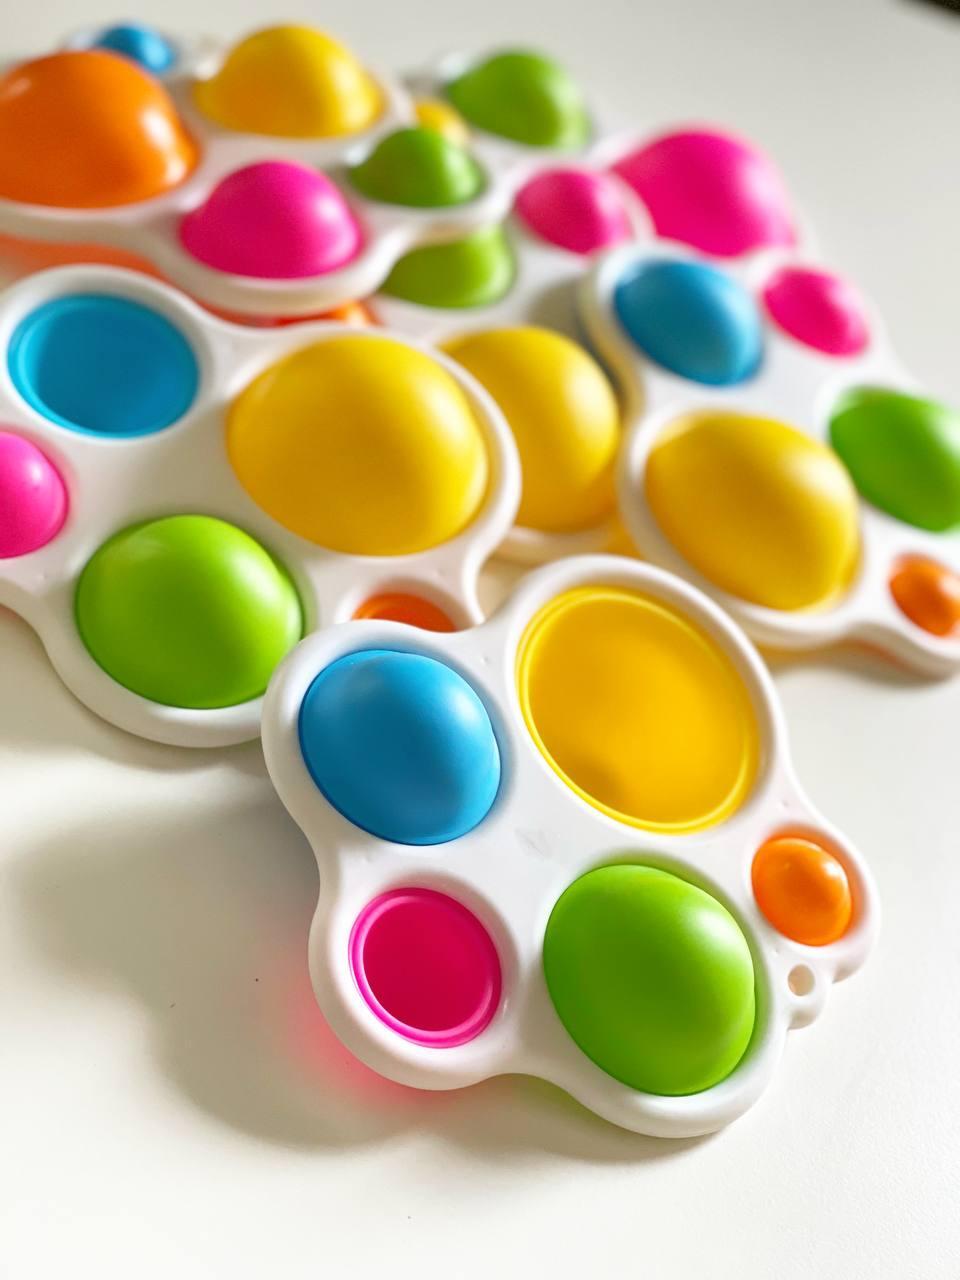 Іграшка-антистрес Simple Dimple Сімпл Дімпл